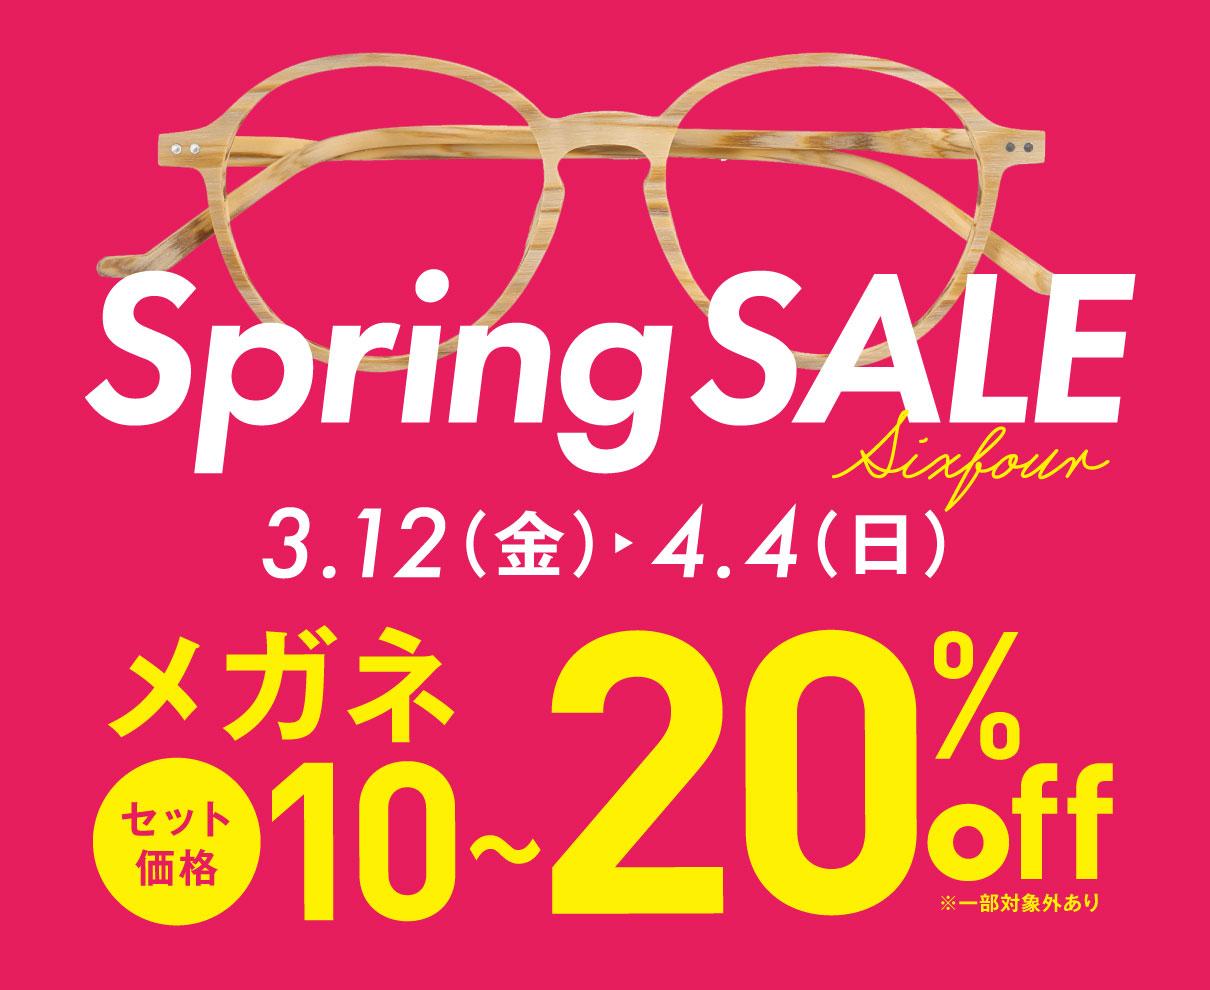 春こそNEWメガネで魅力アップを狙おう♪『Six four』で「Spring SALE」開催中!